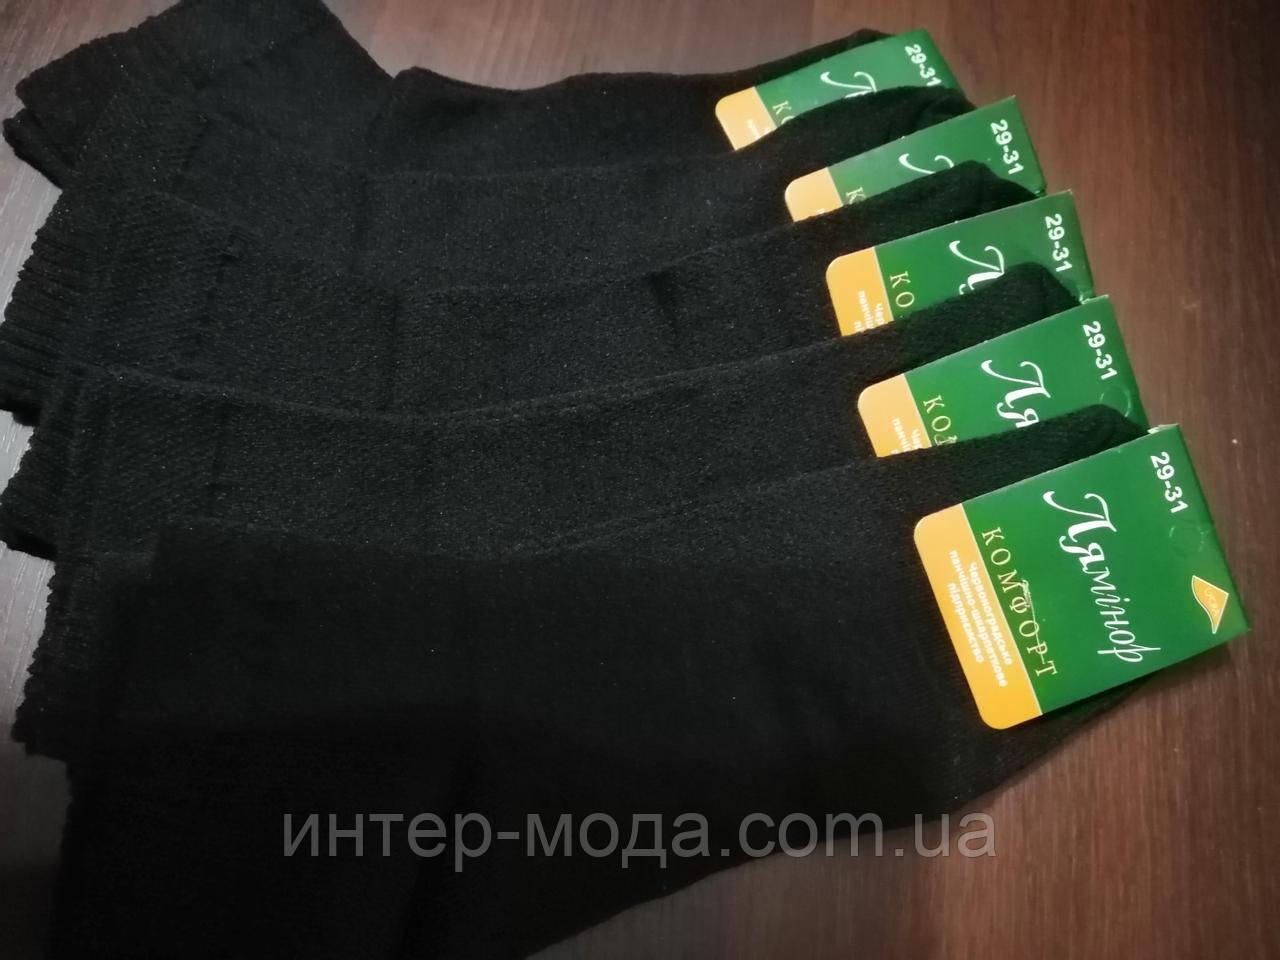 Элегант носки муж. сетка спорт стрейч р. 27-29 (черные)